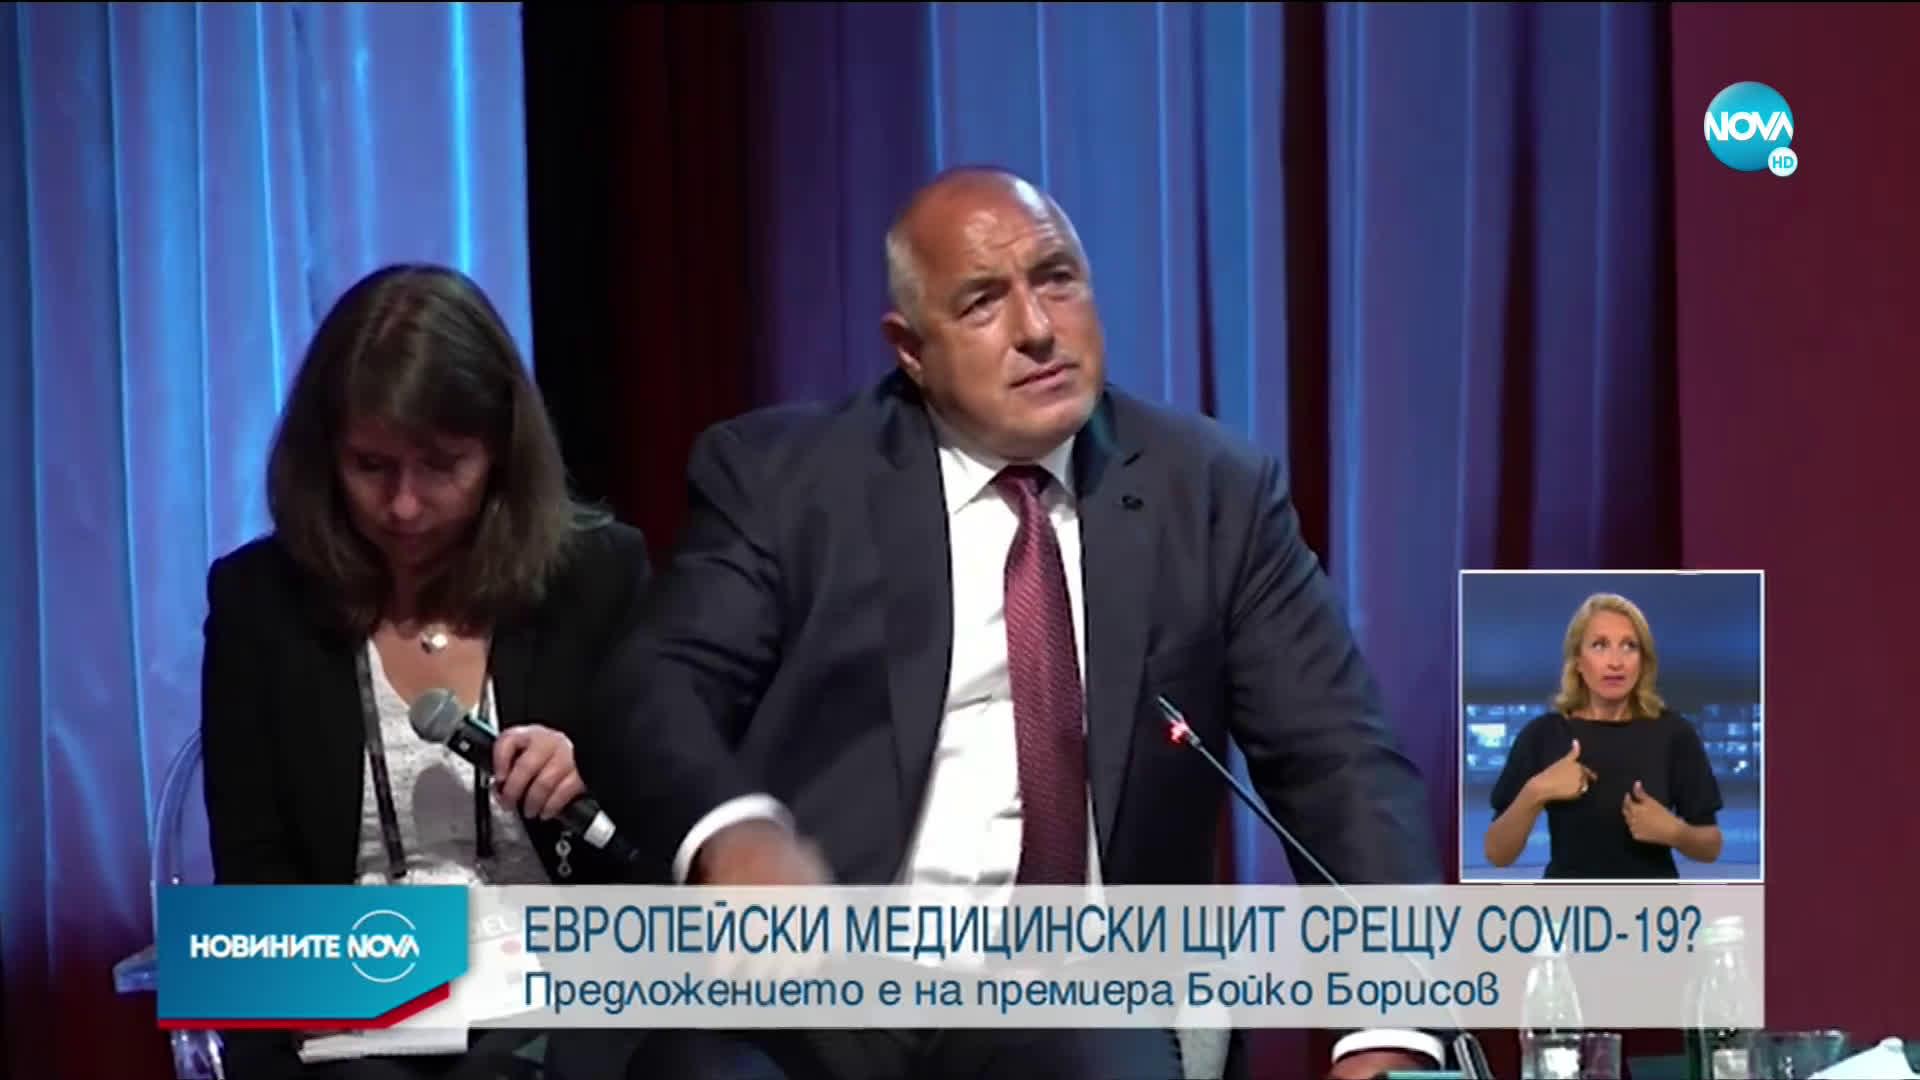 Борисов предложи спешно създаване на медицински щит срещу COVID-19 в Европа